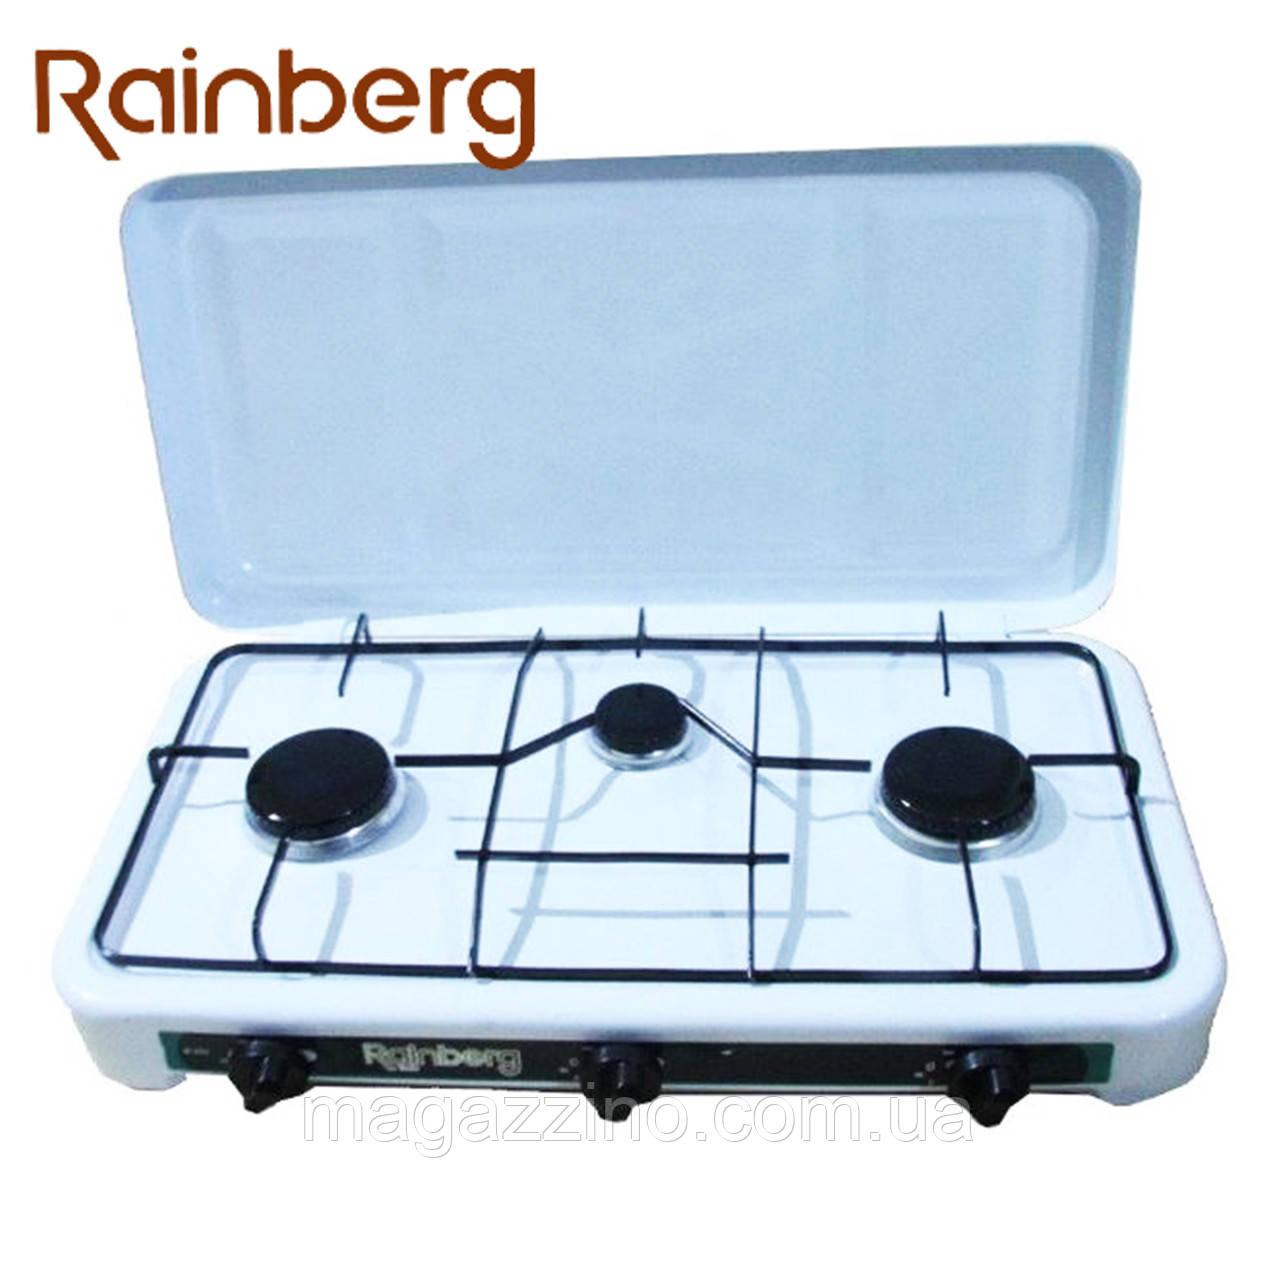 Газовая плита на 3 конфорки Rainberg RB-003